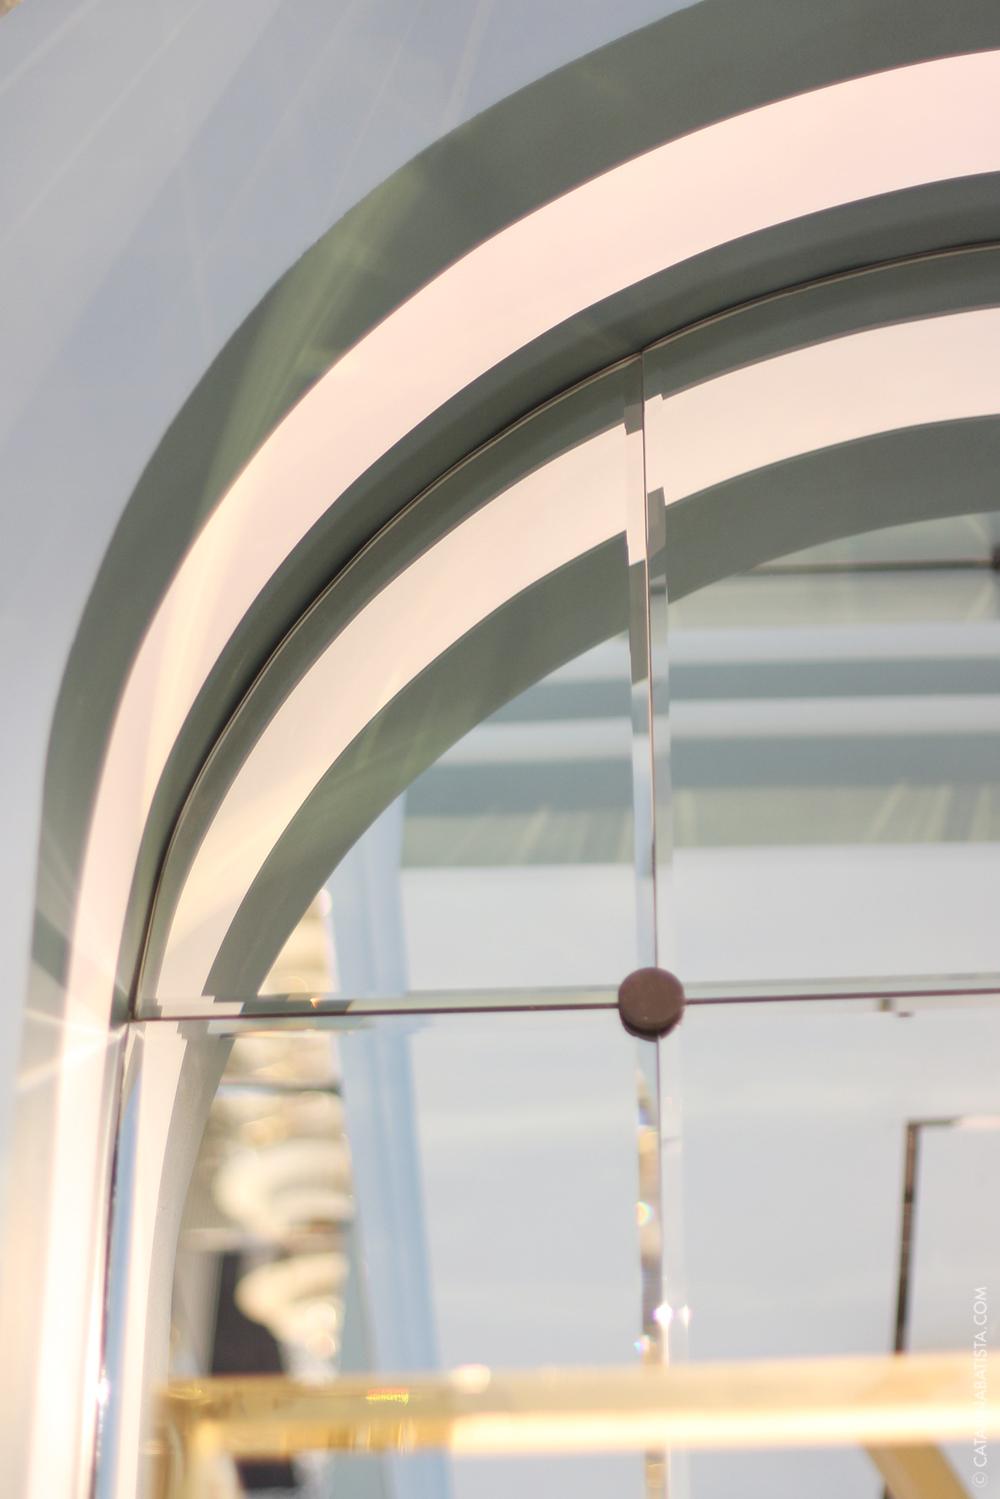 48_Catarina_Batista_nyc_arquitectura_decoracao_designdeinteriores_interiordesign_make_it_beautiful.jpg